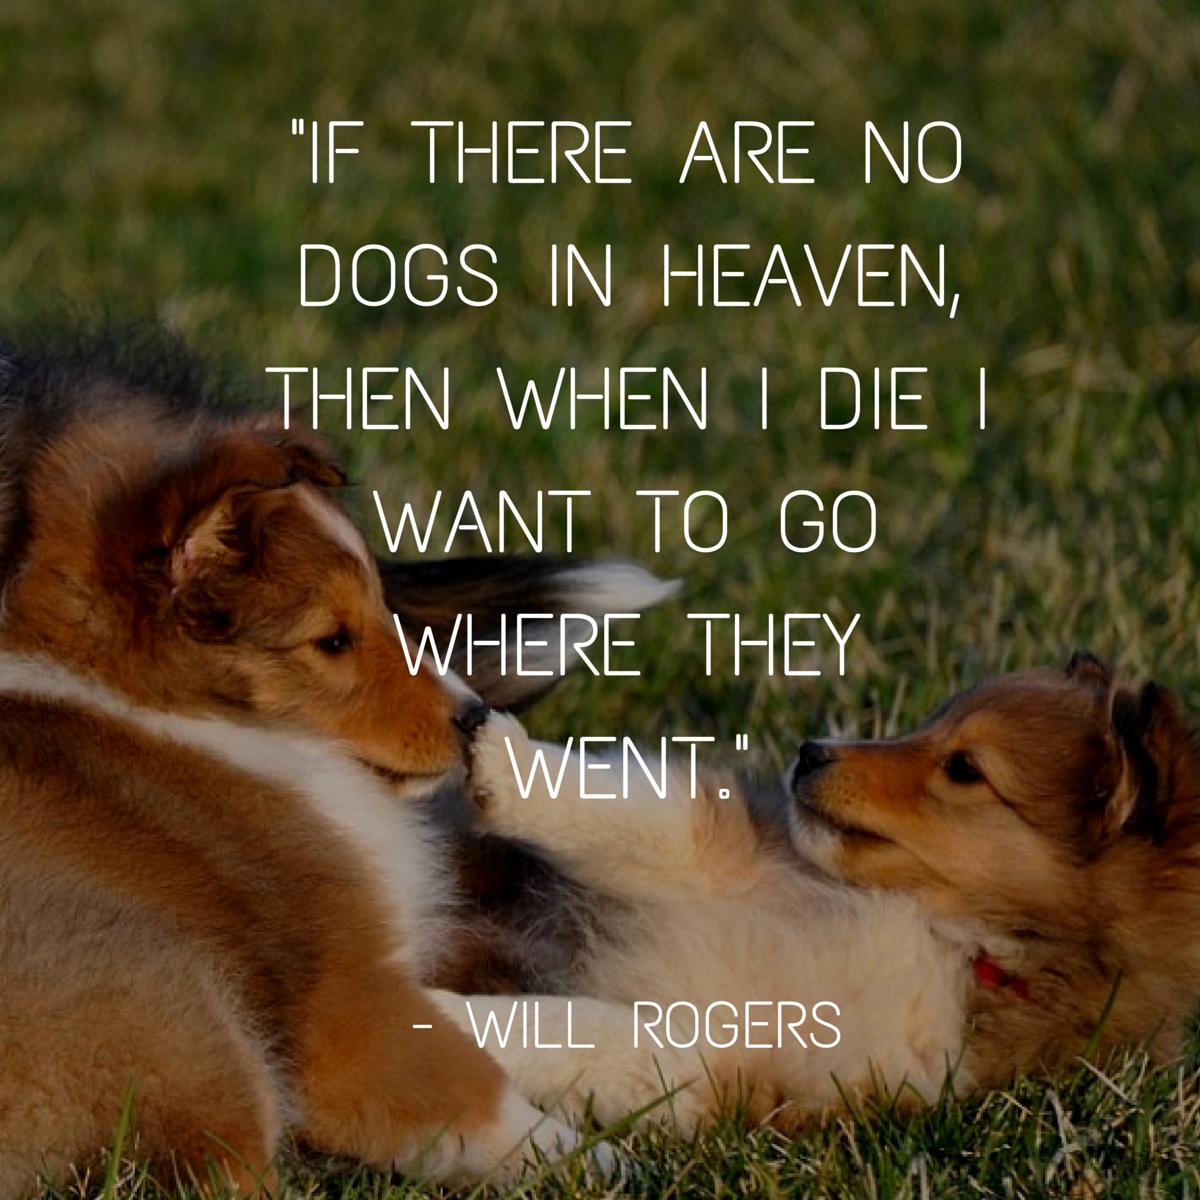 cita de perro rogers